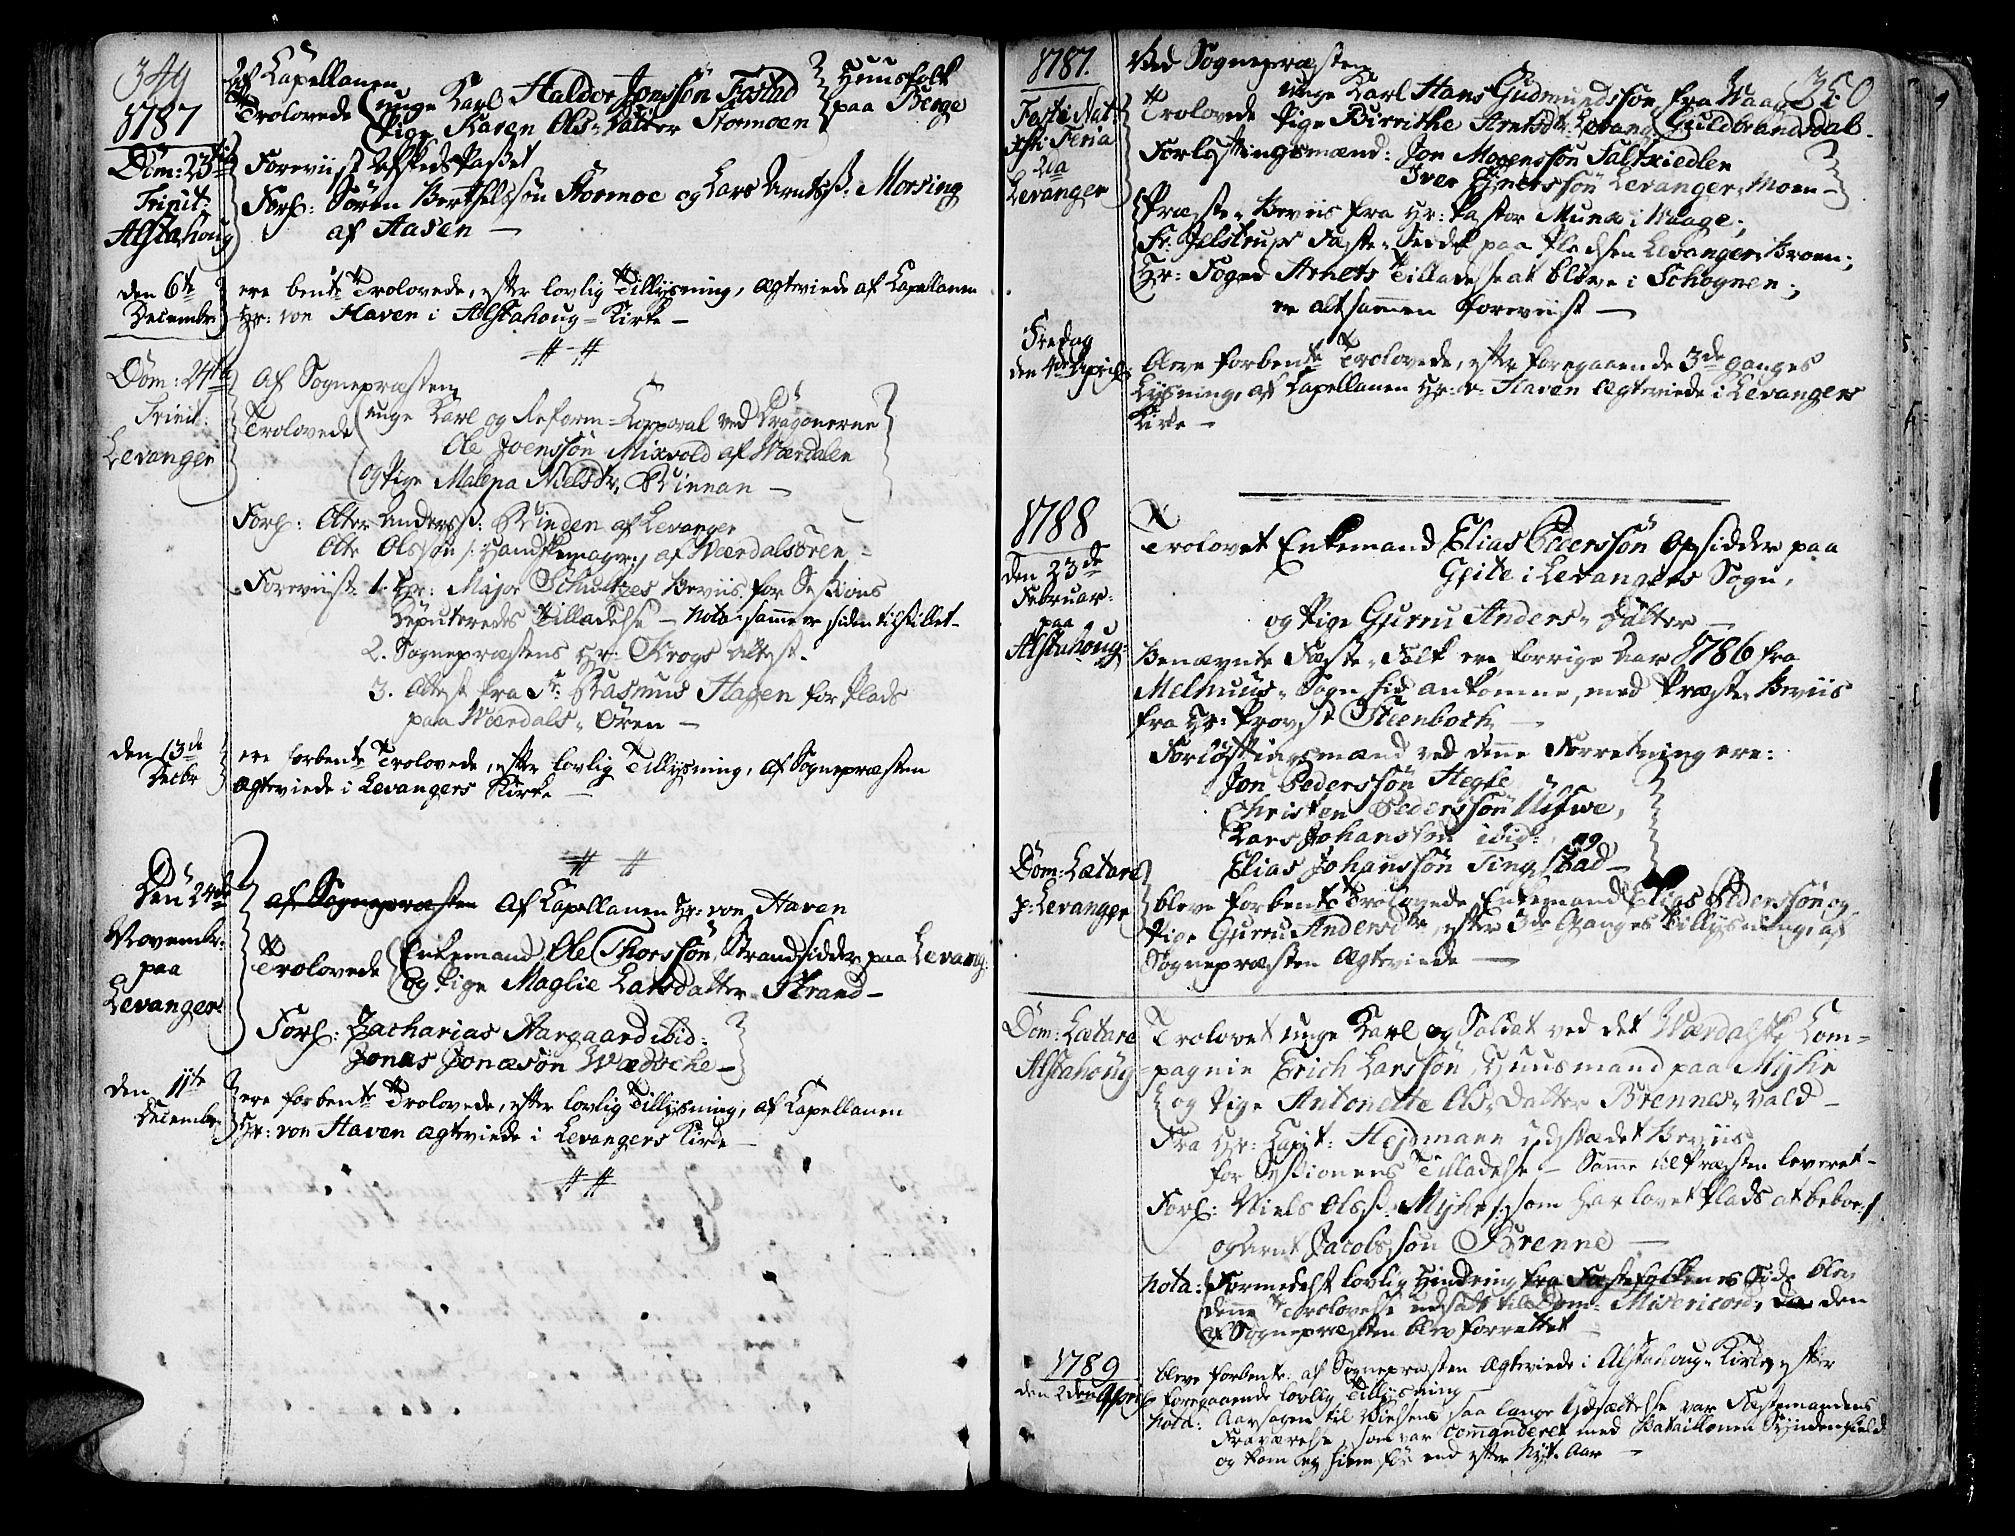 SAT, Ministerialprotokoller, klokkerbøker og fødselsregistre - Nord-Trøndelag, 717/L0141: Ministerialbok nr. 717A01, 1747-1803, s. 349-350